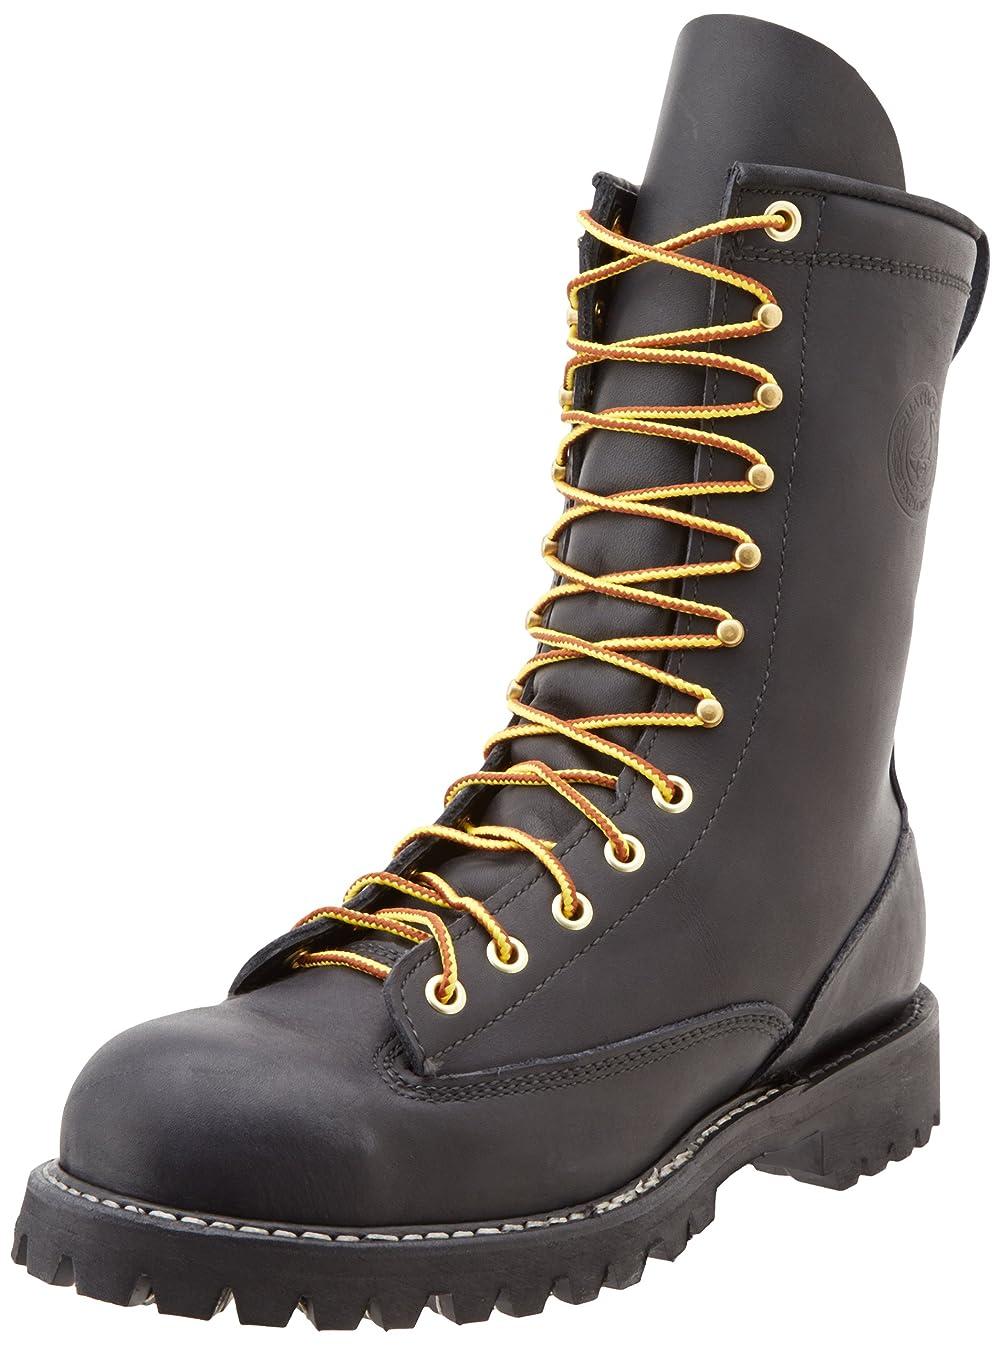 Hathorn Men's Explorer Steel Toe Boot